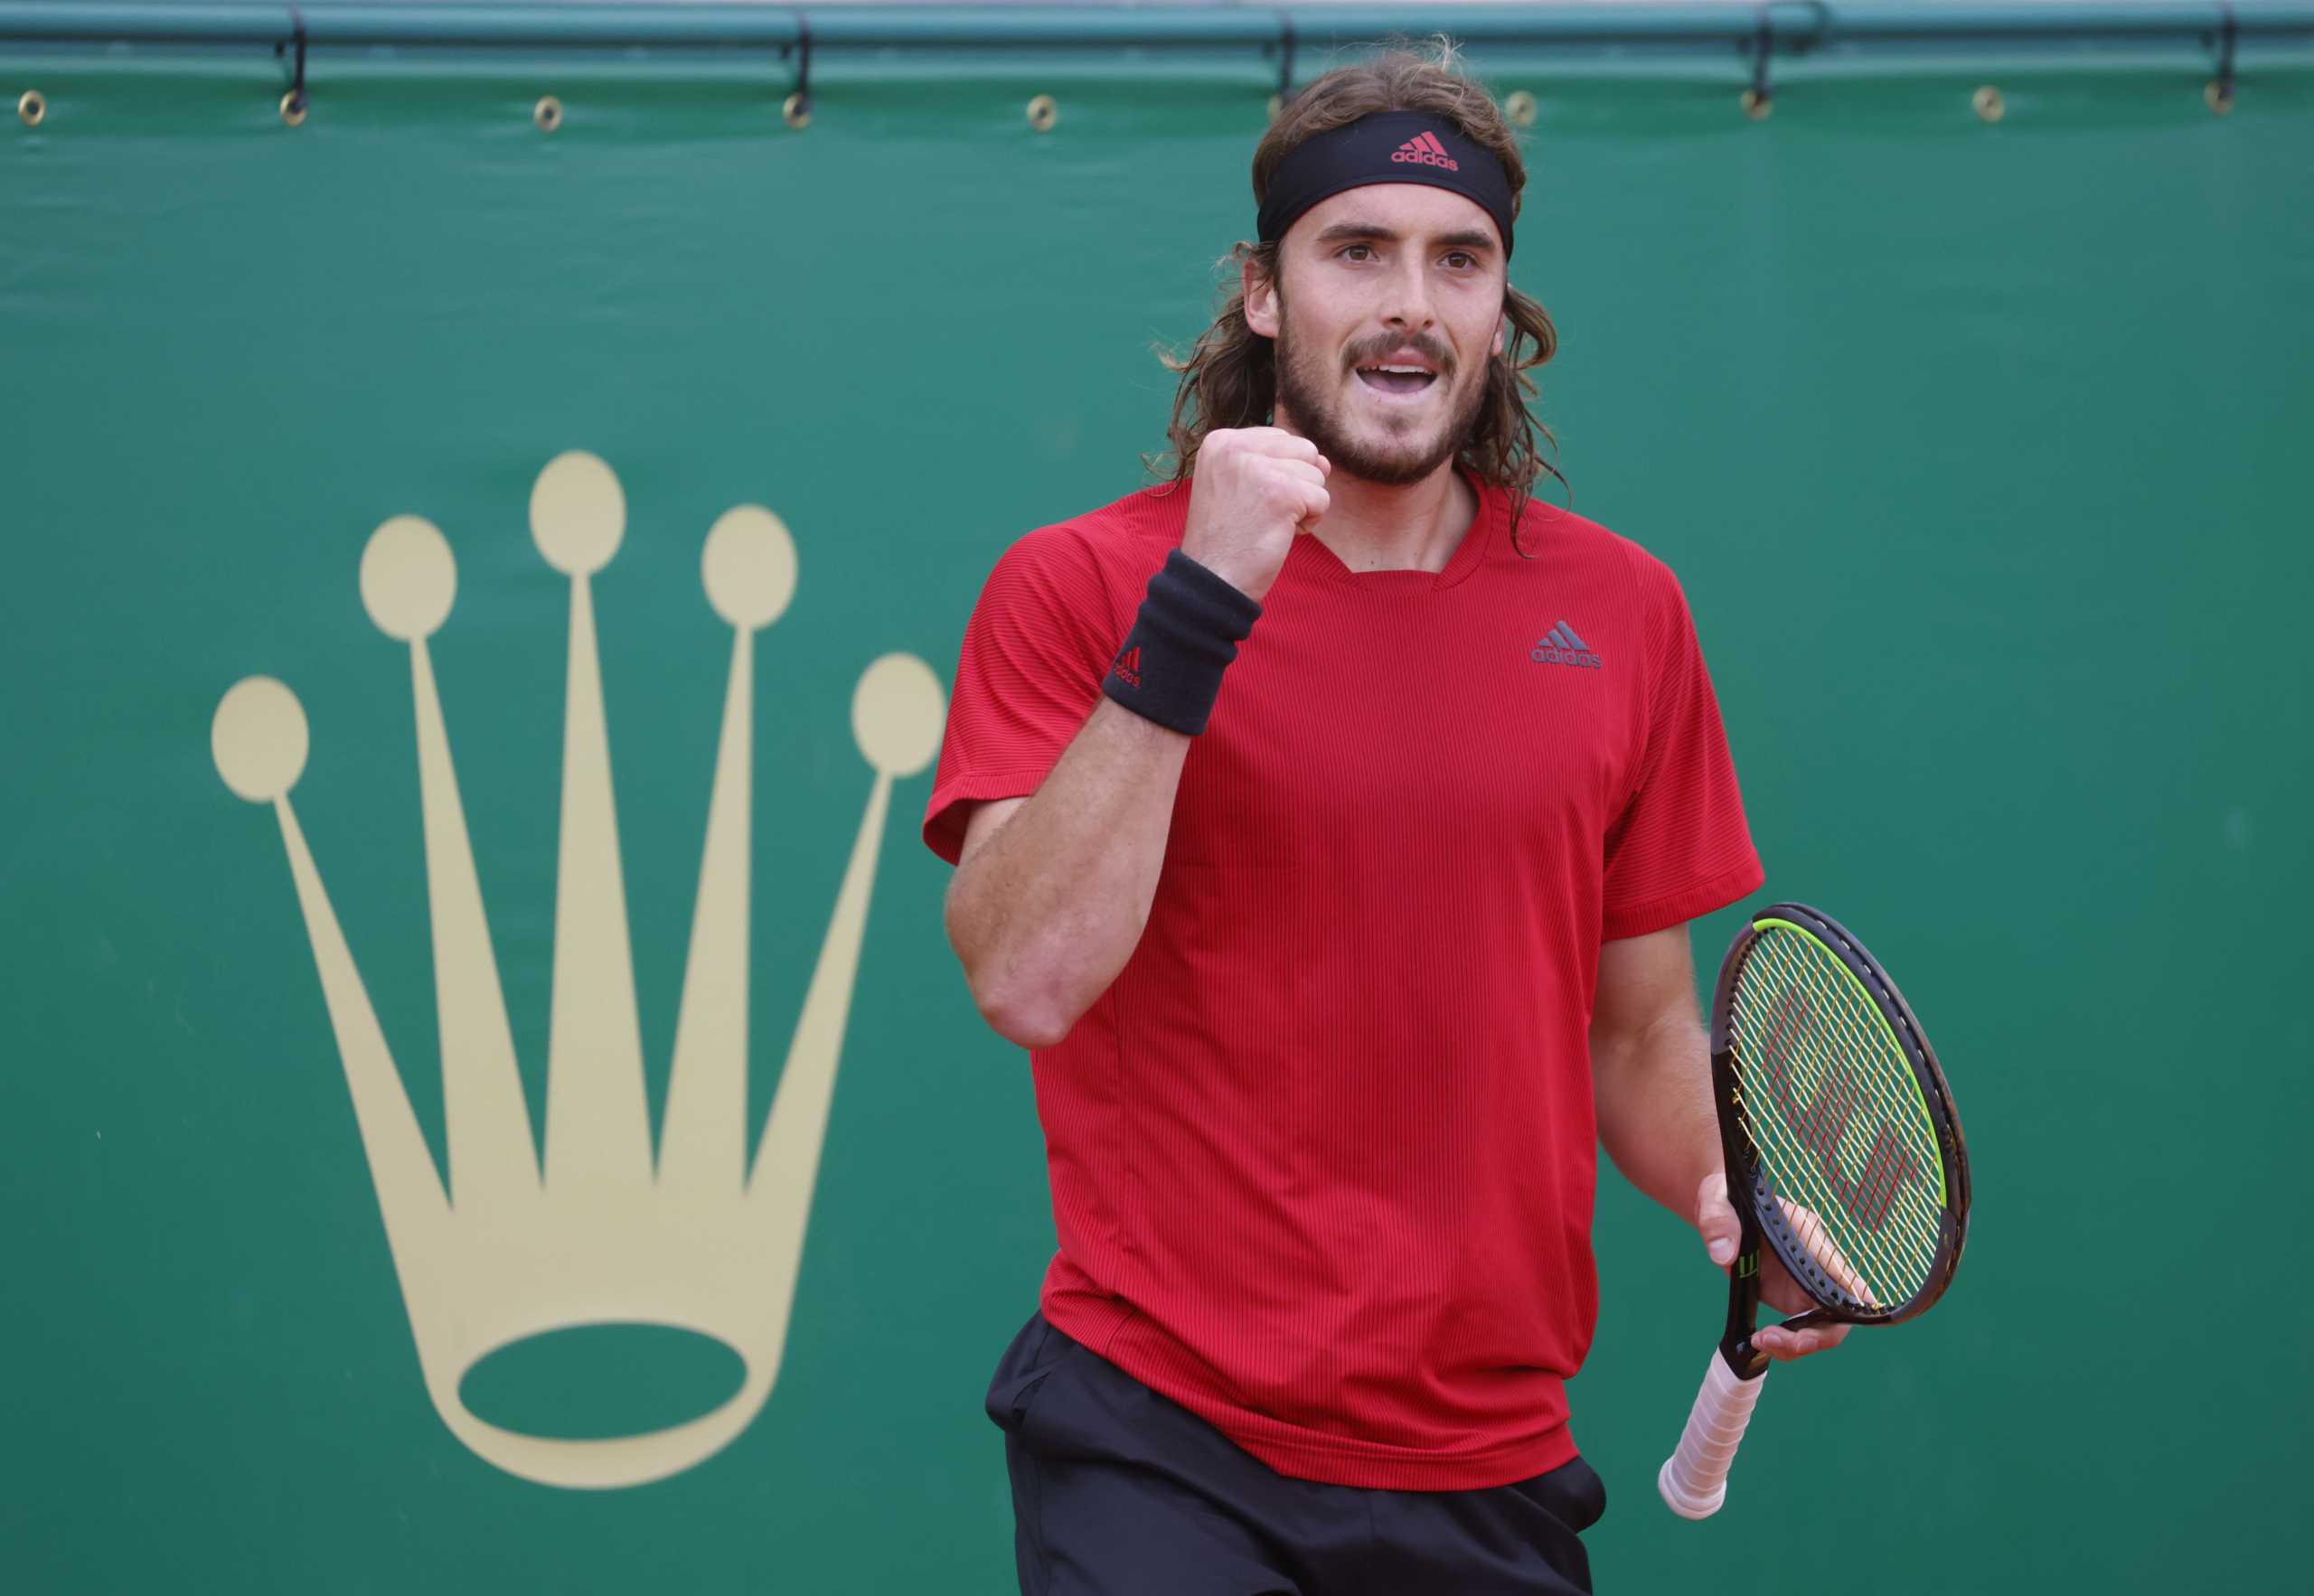 Τσιτσιπάς – Ρούμπλεφ: «Πρίγκιπας» στο Μόντε Κάρλο ο Στέφανος – Πρώτος τίτλος σε Masters 1000